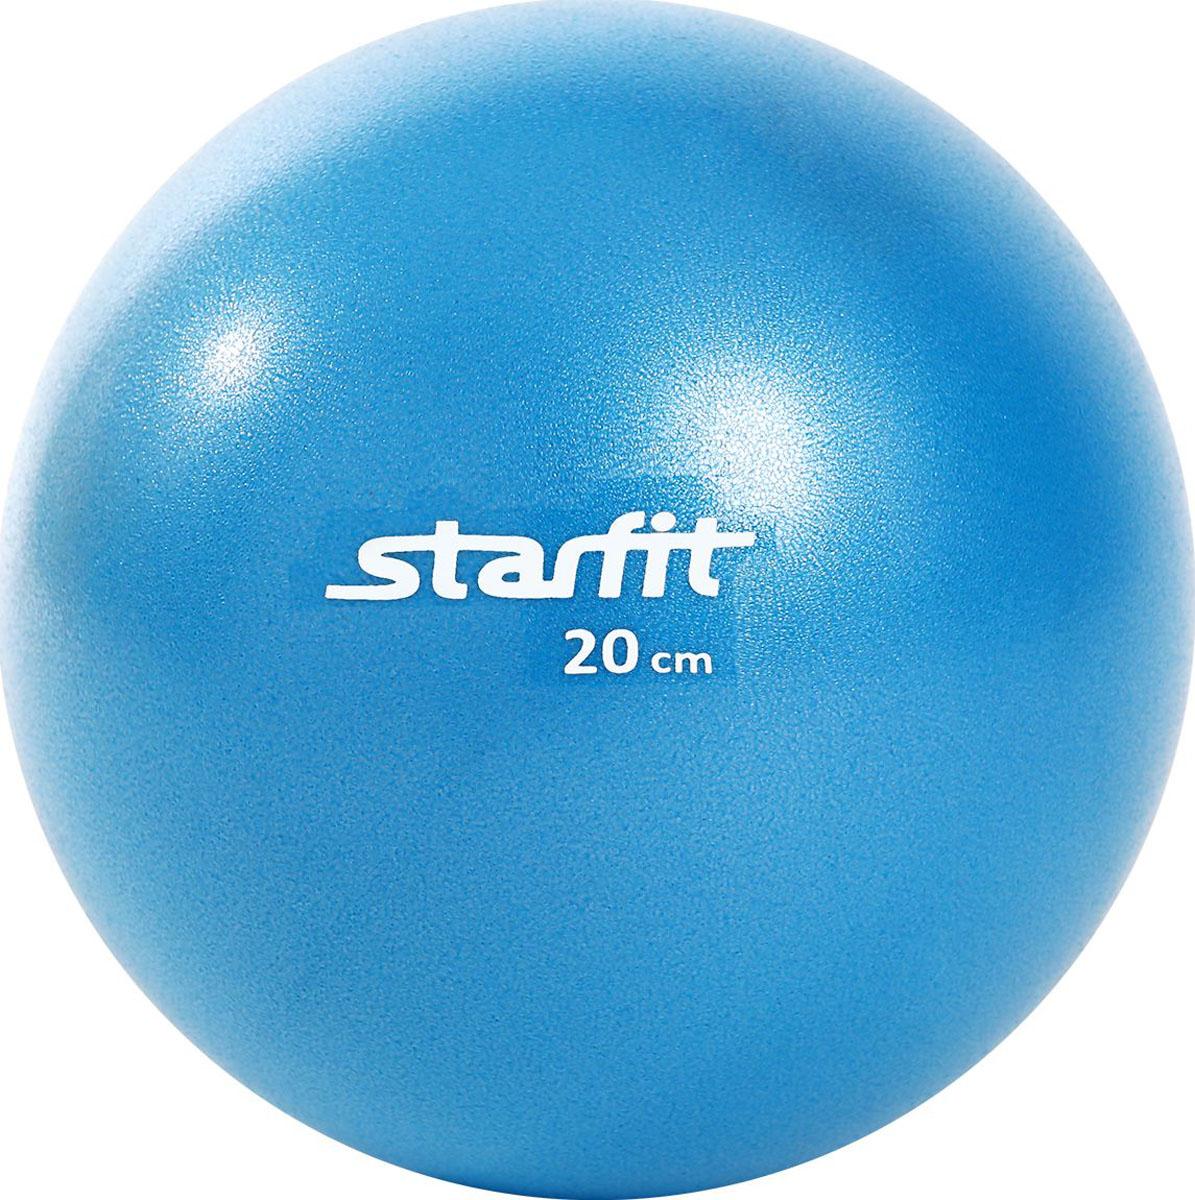 Мяч для пилатеса Starfit GB-901, цвет: синий, диаметр 20 см цена